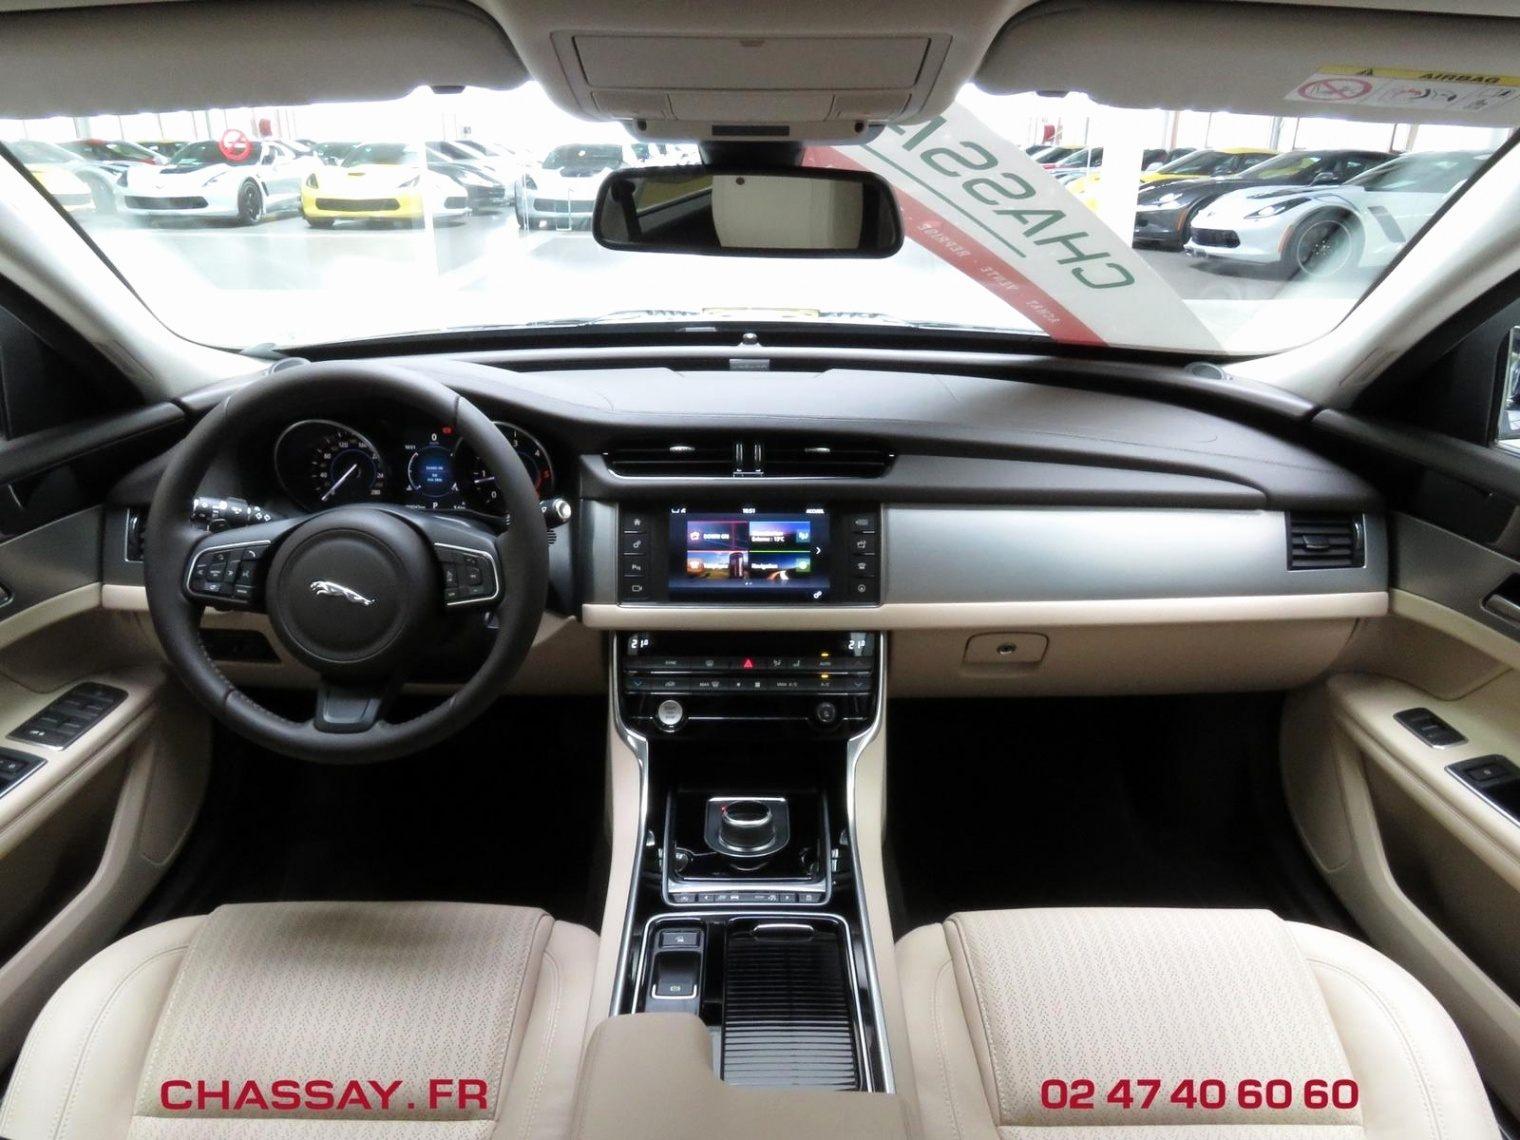 Lit Enfant Au sol Fraîche Tapis sol Voiture Inspirational Jaguar Xf tours Euros 2 0d 180 Ii